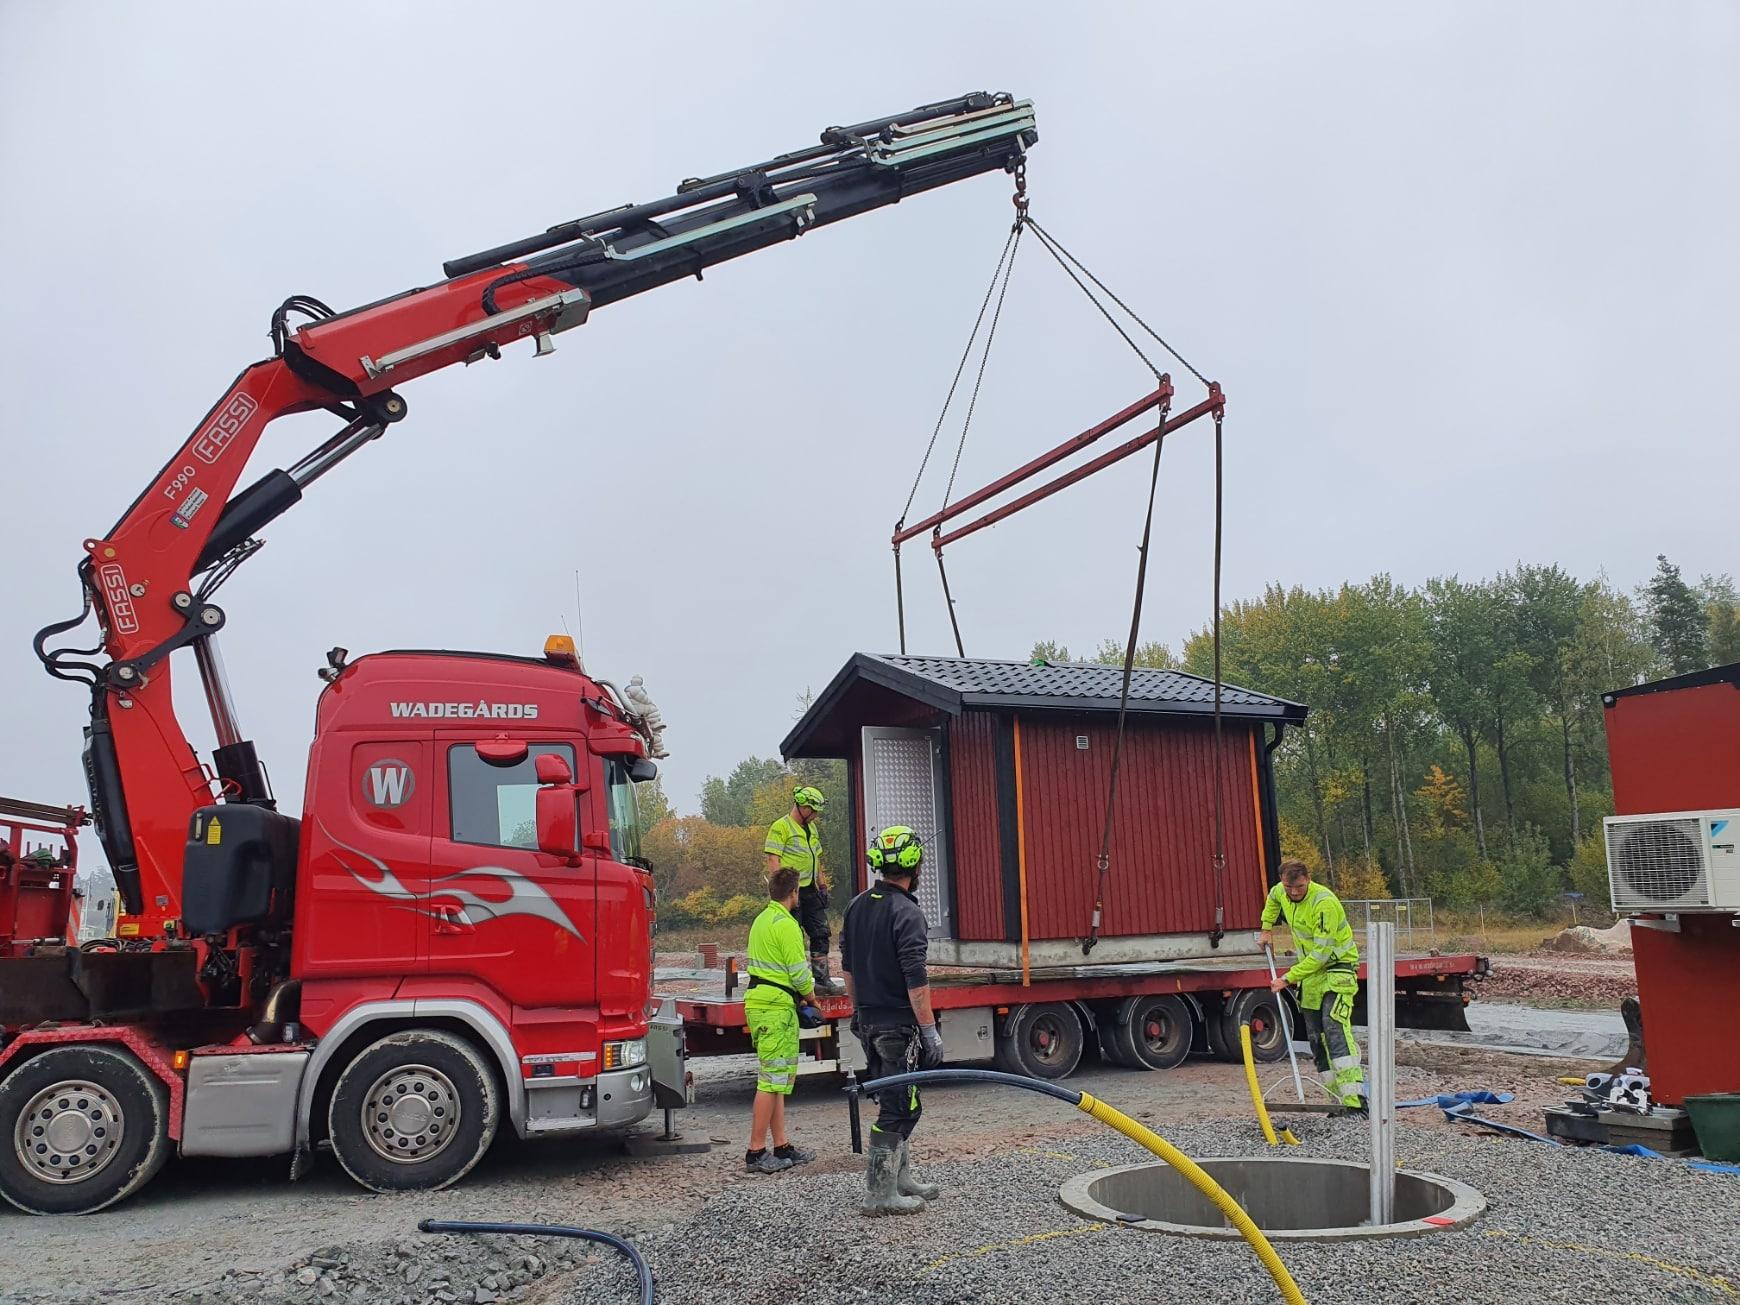 Wadegårds Åkeri